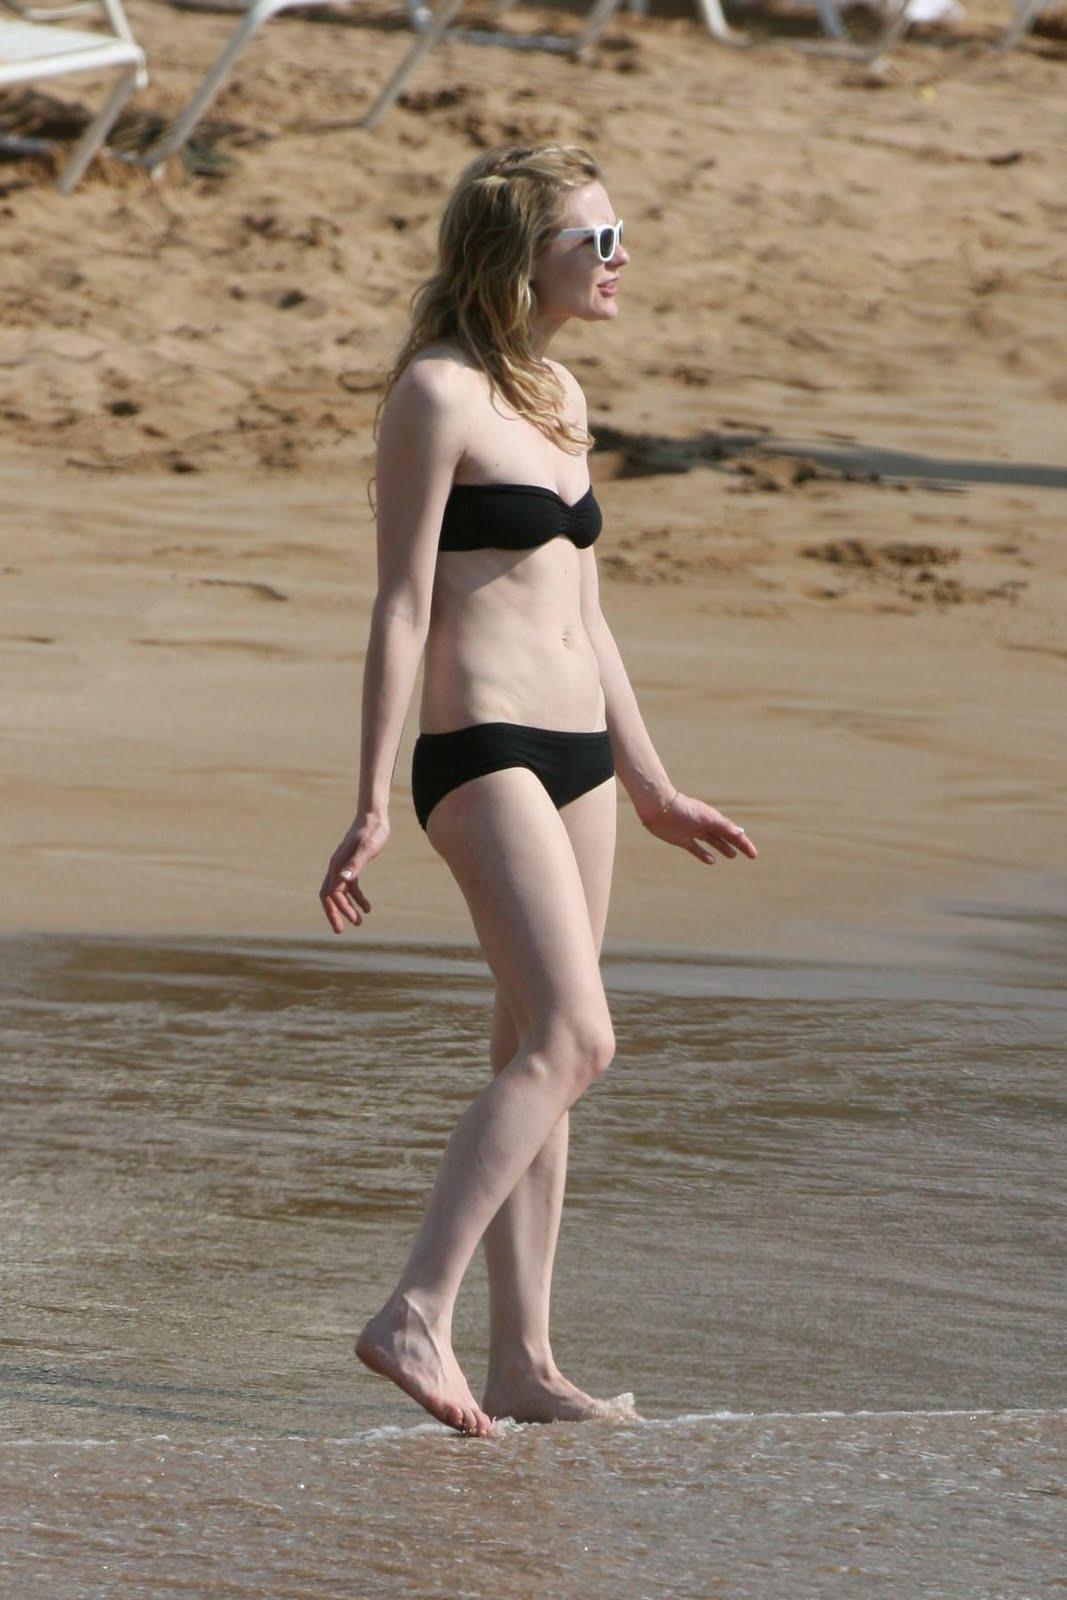 http://1.bp.blogspot.com/-Aosu9pDfRWU/Tbh1QFdnN3I/AAAAAAAALBE/25vCYMv_XH8/s1600/kirsten_dunst_bikini_1.jpg